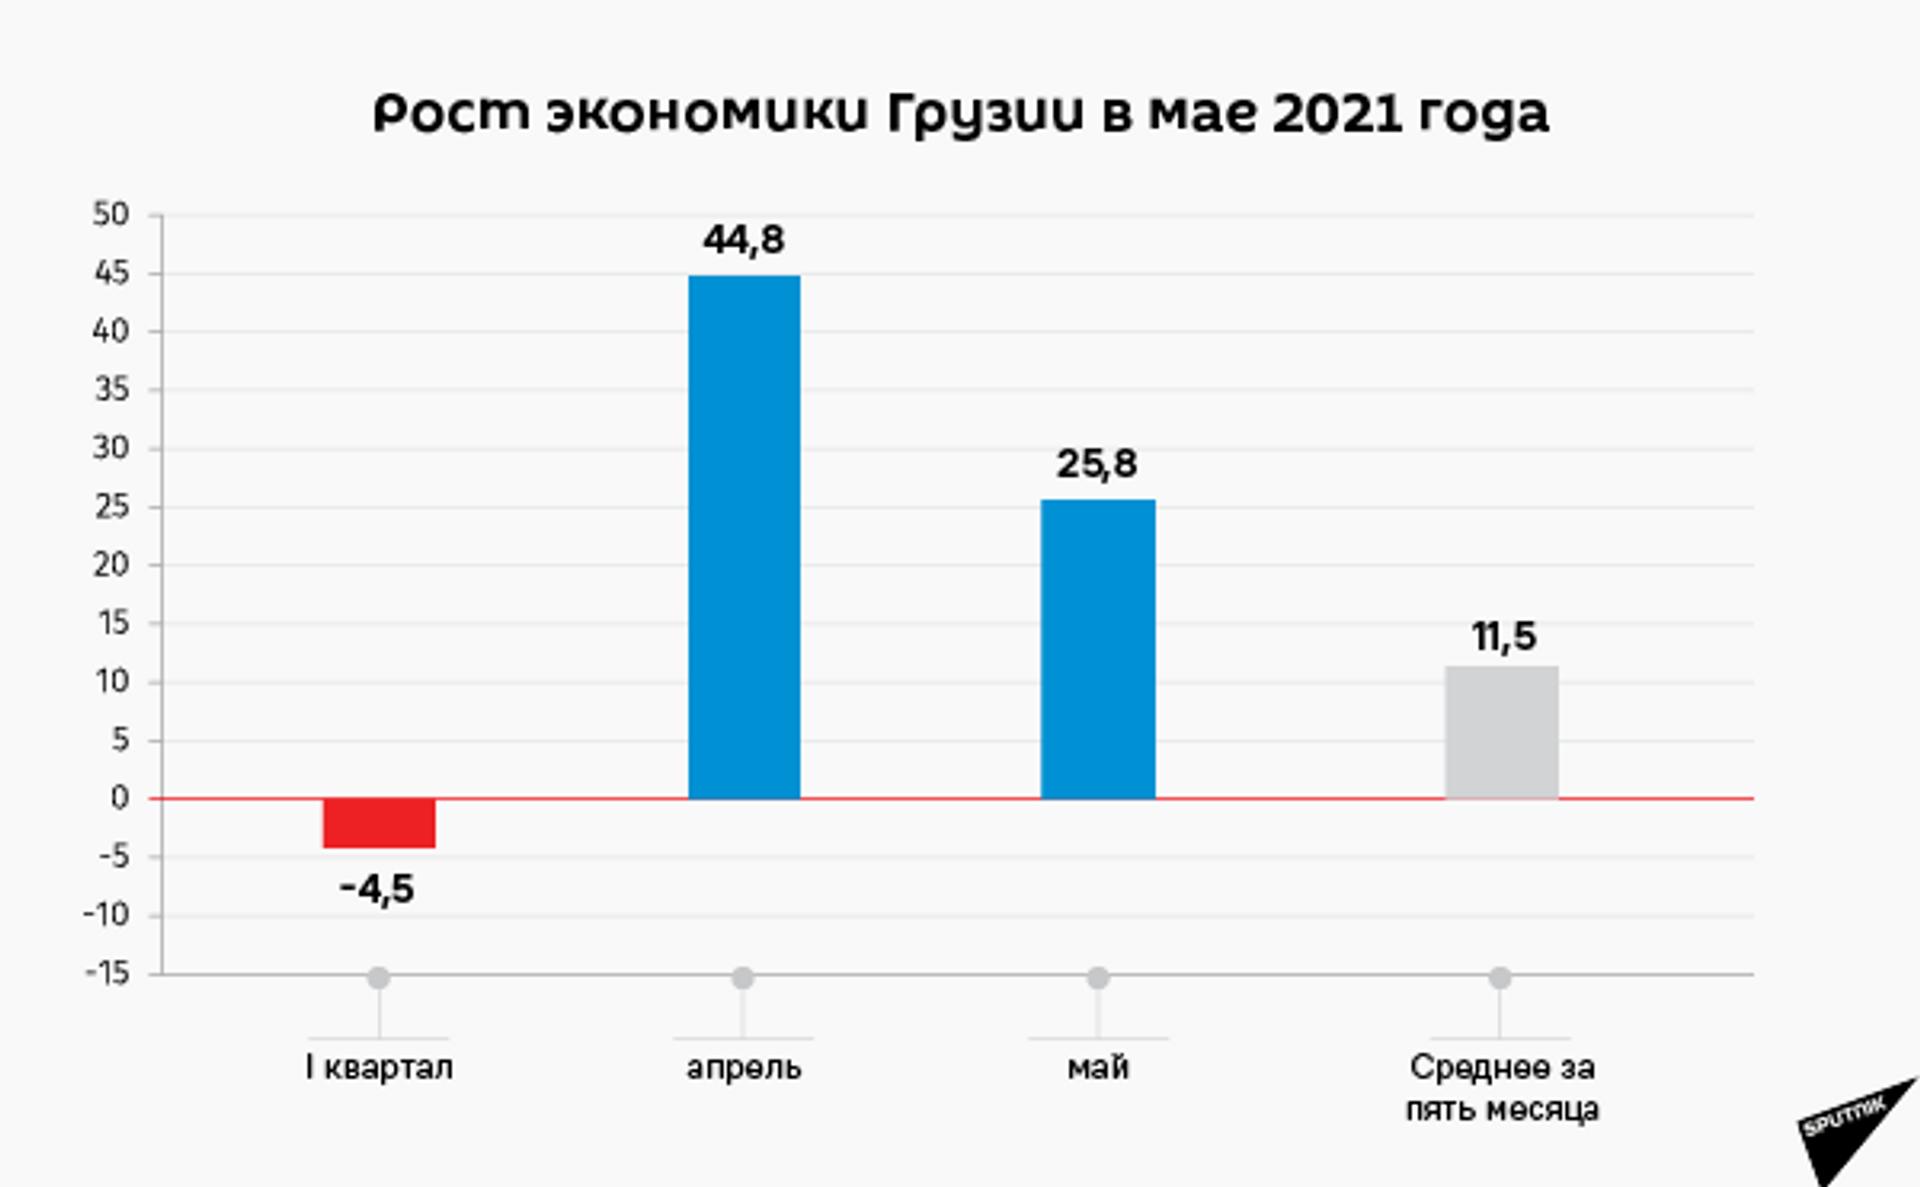 Экономический рост Грузии за май и пять месяцев 2021 года - Sputnik Грузия, 1920, 24.08.2021